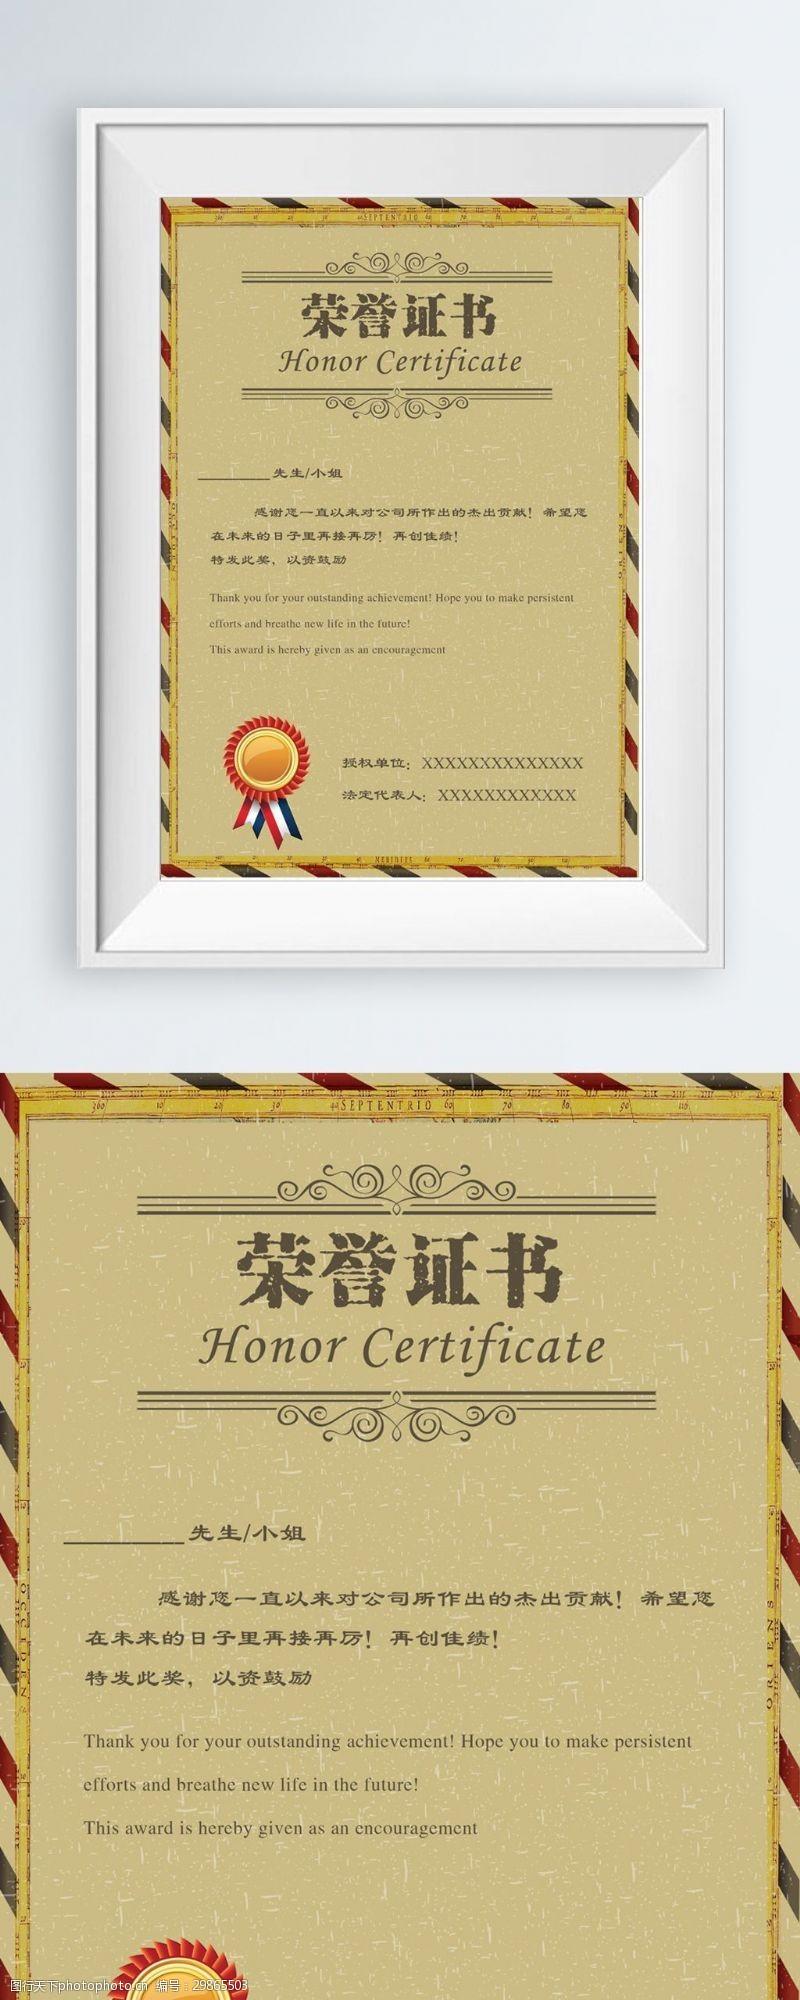 荣誉证书模版下载